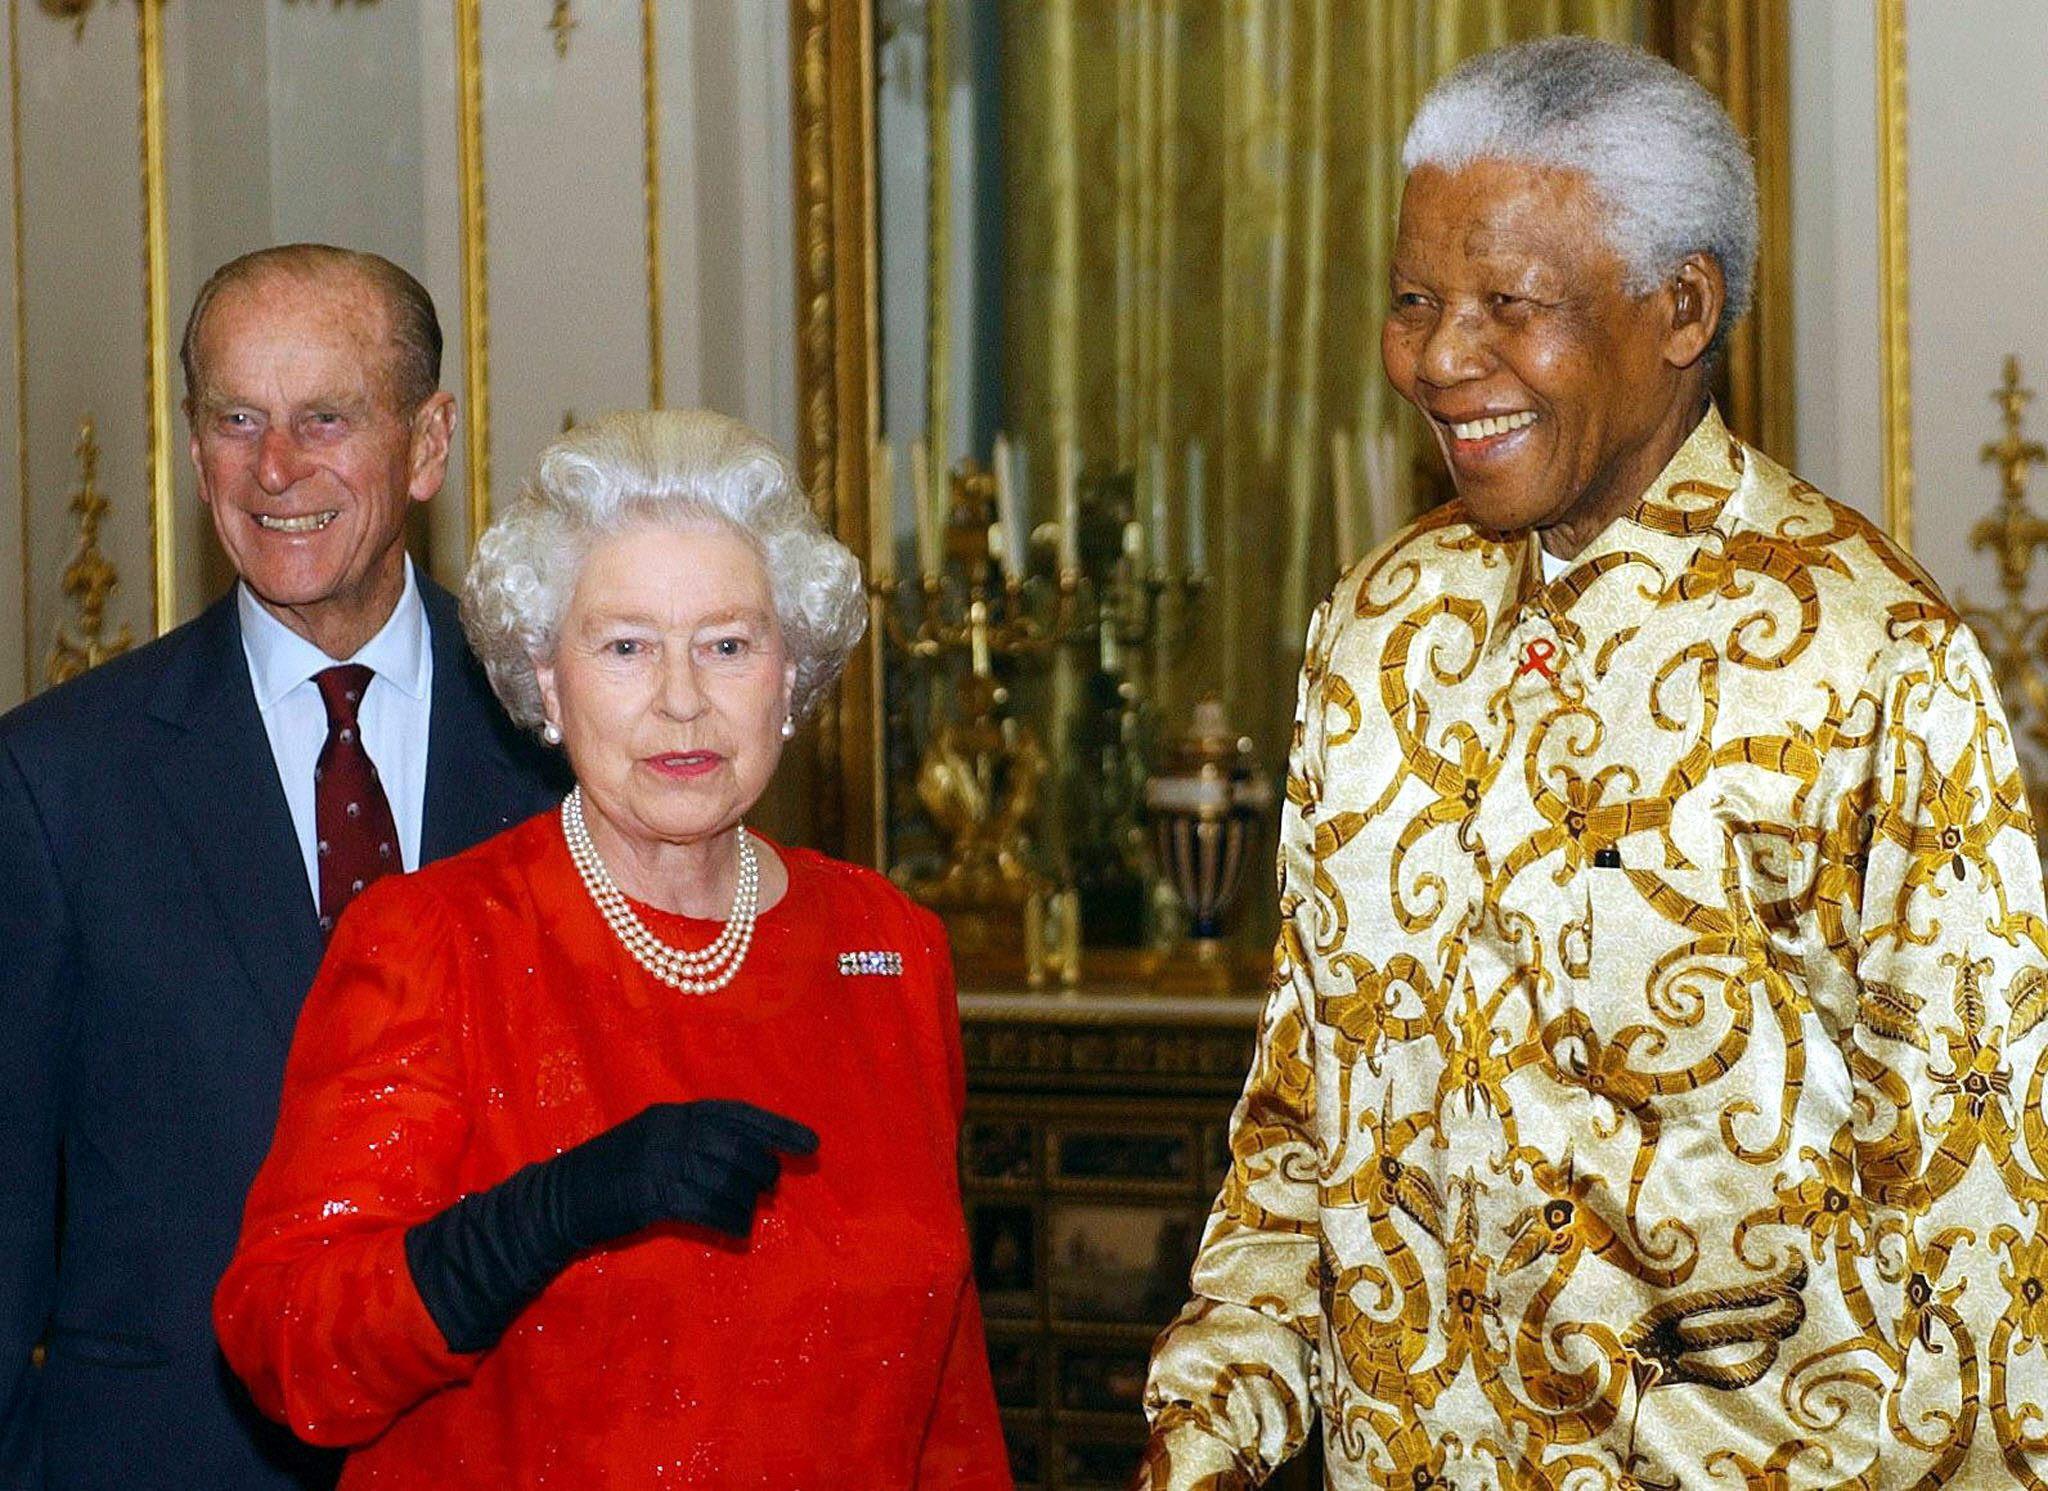 La reina y el duque de Edimburgo saludan al expresidente de África del Sur, Nelson Mandela durante una recepción en el Palacio de Buckingham en octubre de 2003. En esa ocasión se celebró el centenario de la fundación Rhodes Trust, iniciada por el empresario Cecil John Rhodes en el siglo 19, para proveer becas a estudiantes del mundo para estudiar en la Universidad de Oxford. (Archivo)